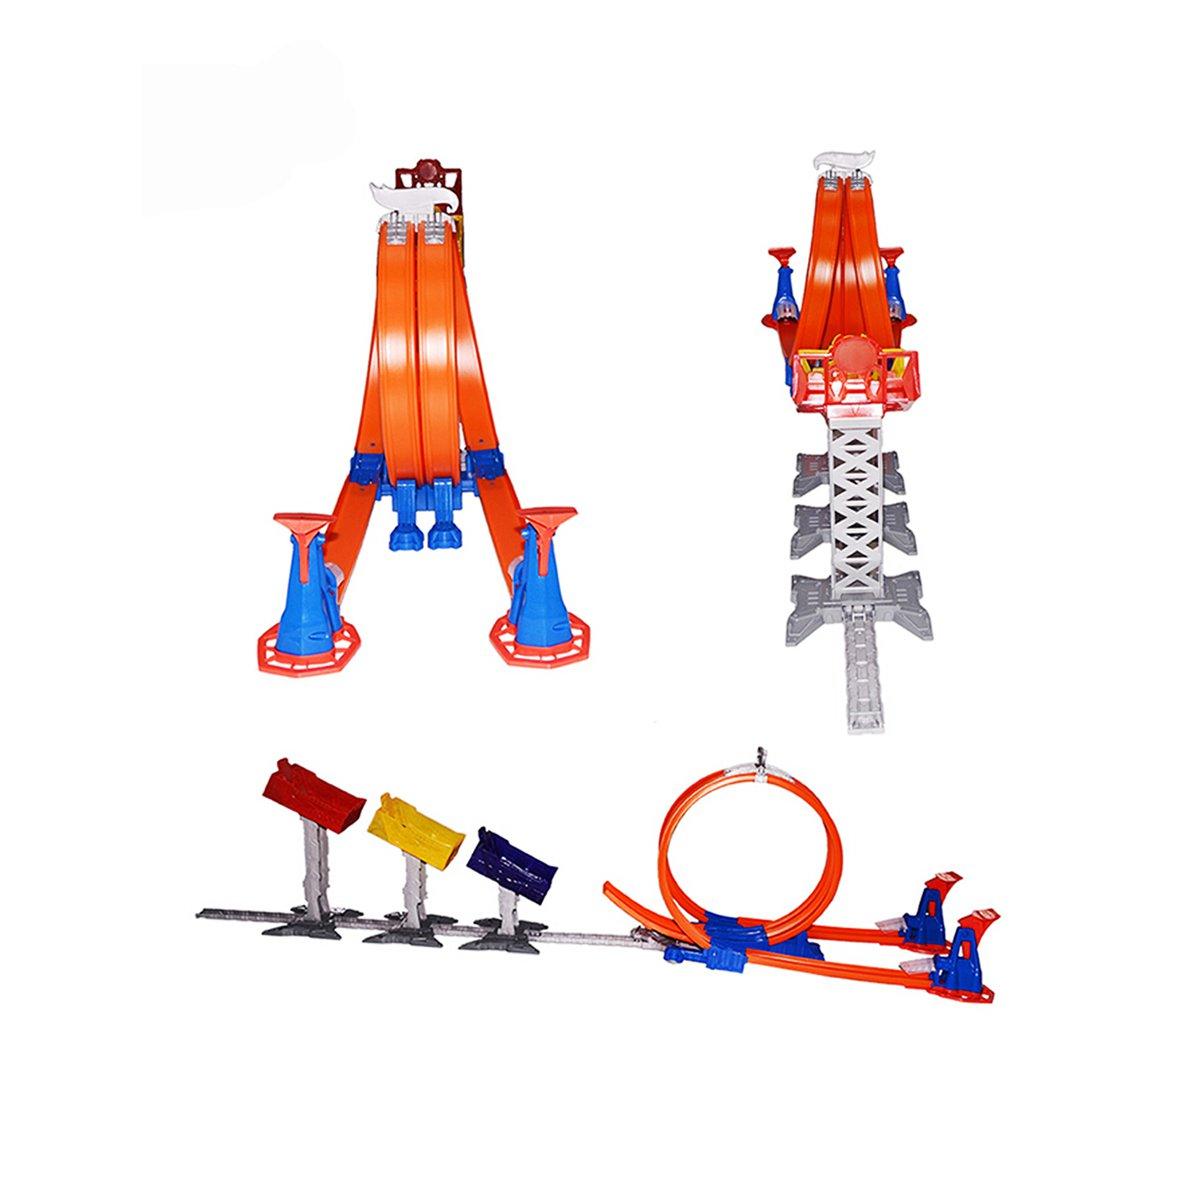 【男孩礼物】风火轮极限跳跃赛道儿童玩具(内含一辆小车)